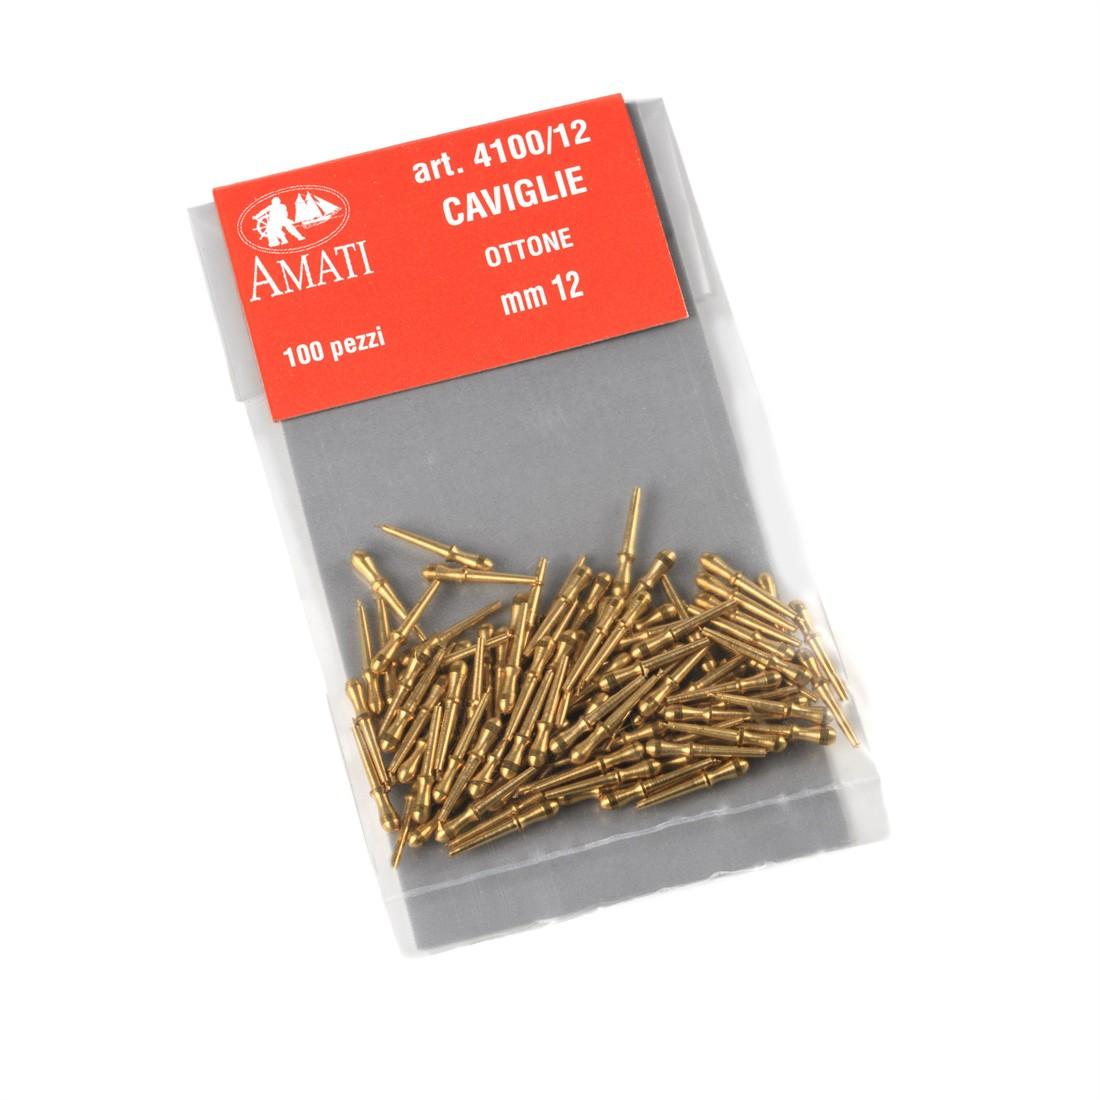 Clavijas de sujeción de latón mm.12